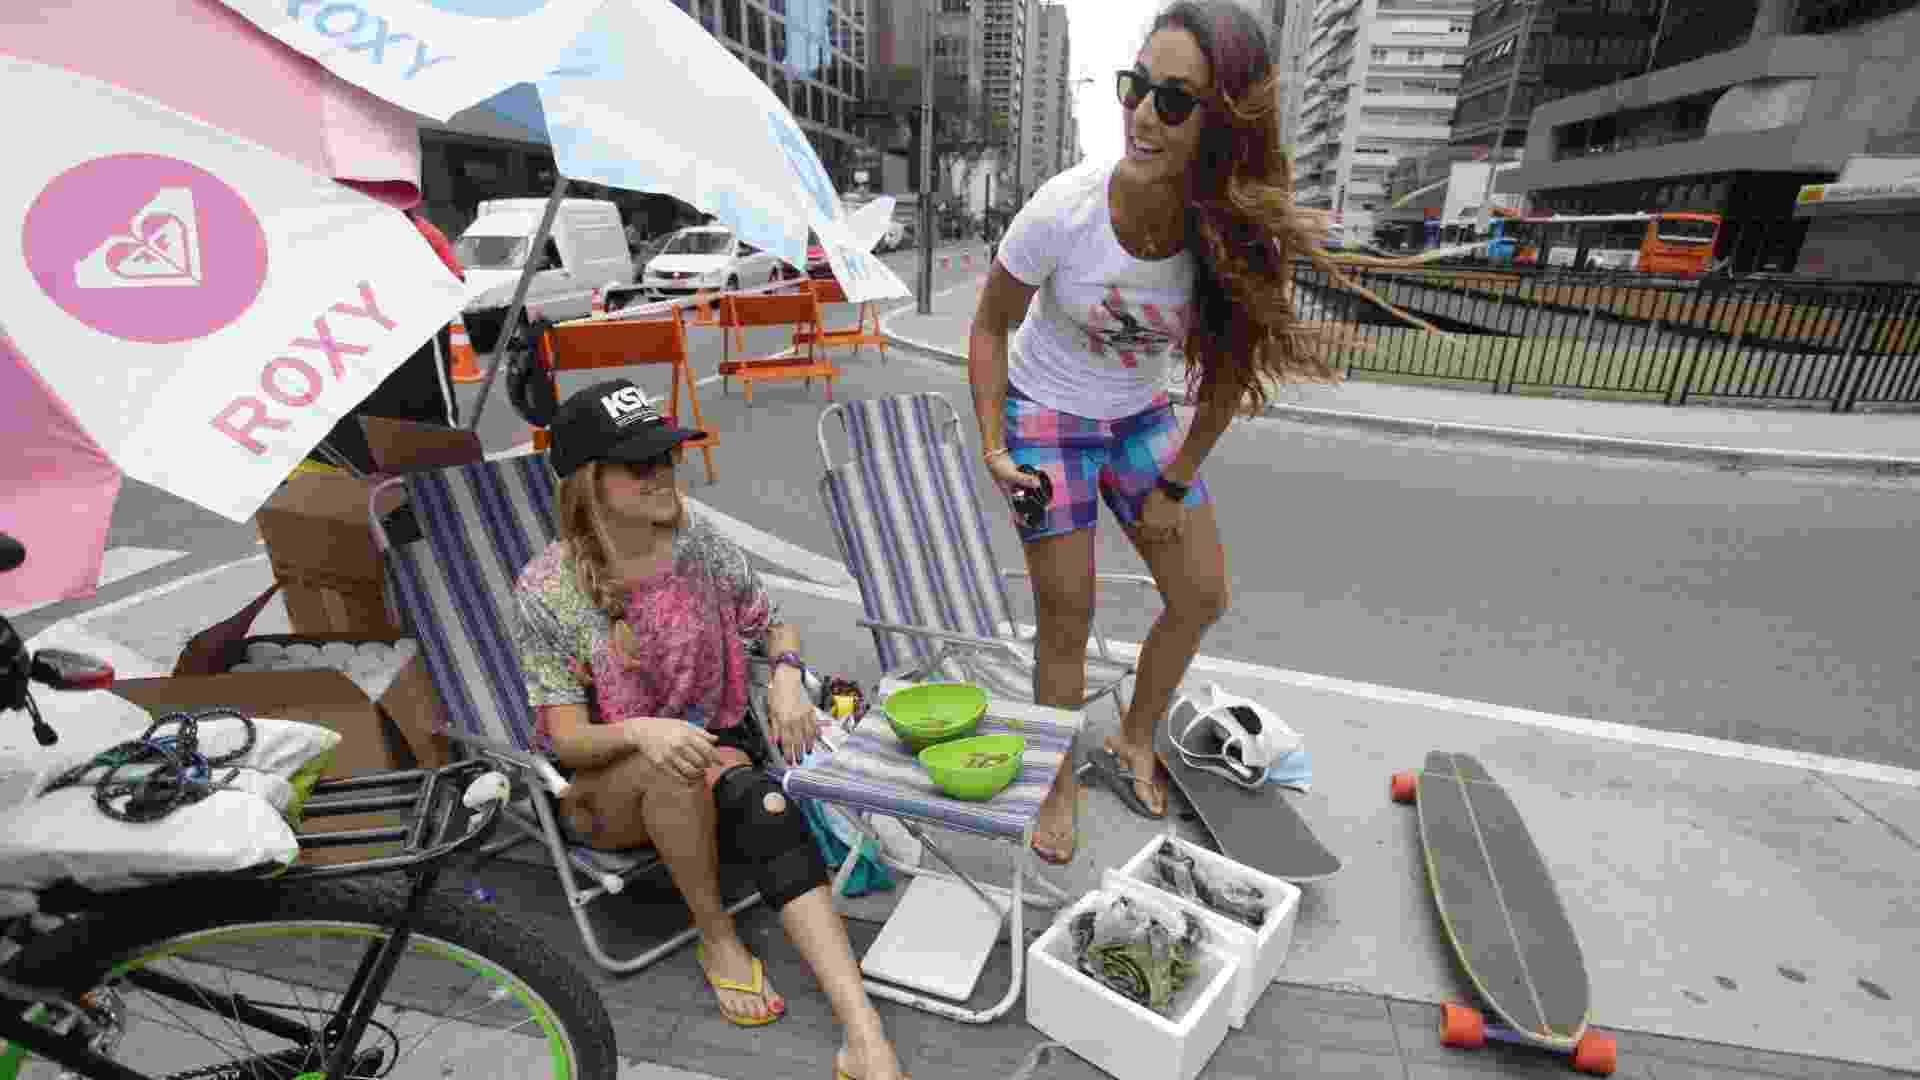 22.set.12 - Manifestantes simulam estar na praia na Praça do Ciclista, em plena avenida Paulista, em São Paulo, em ato no Dia Mundial sem Carro - Nelson Antoine/Fotoarena/AE